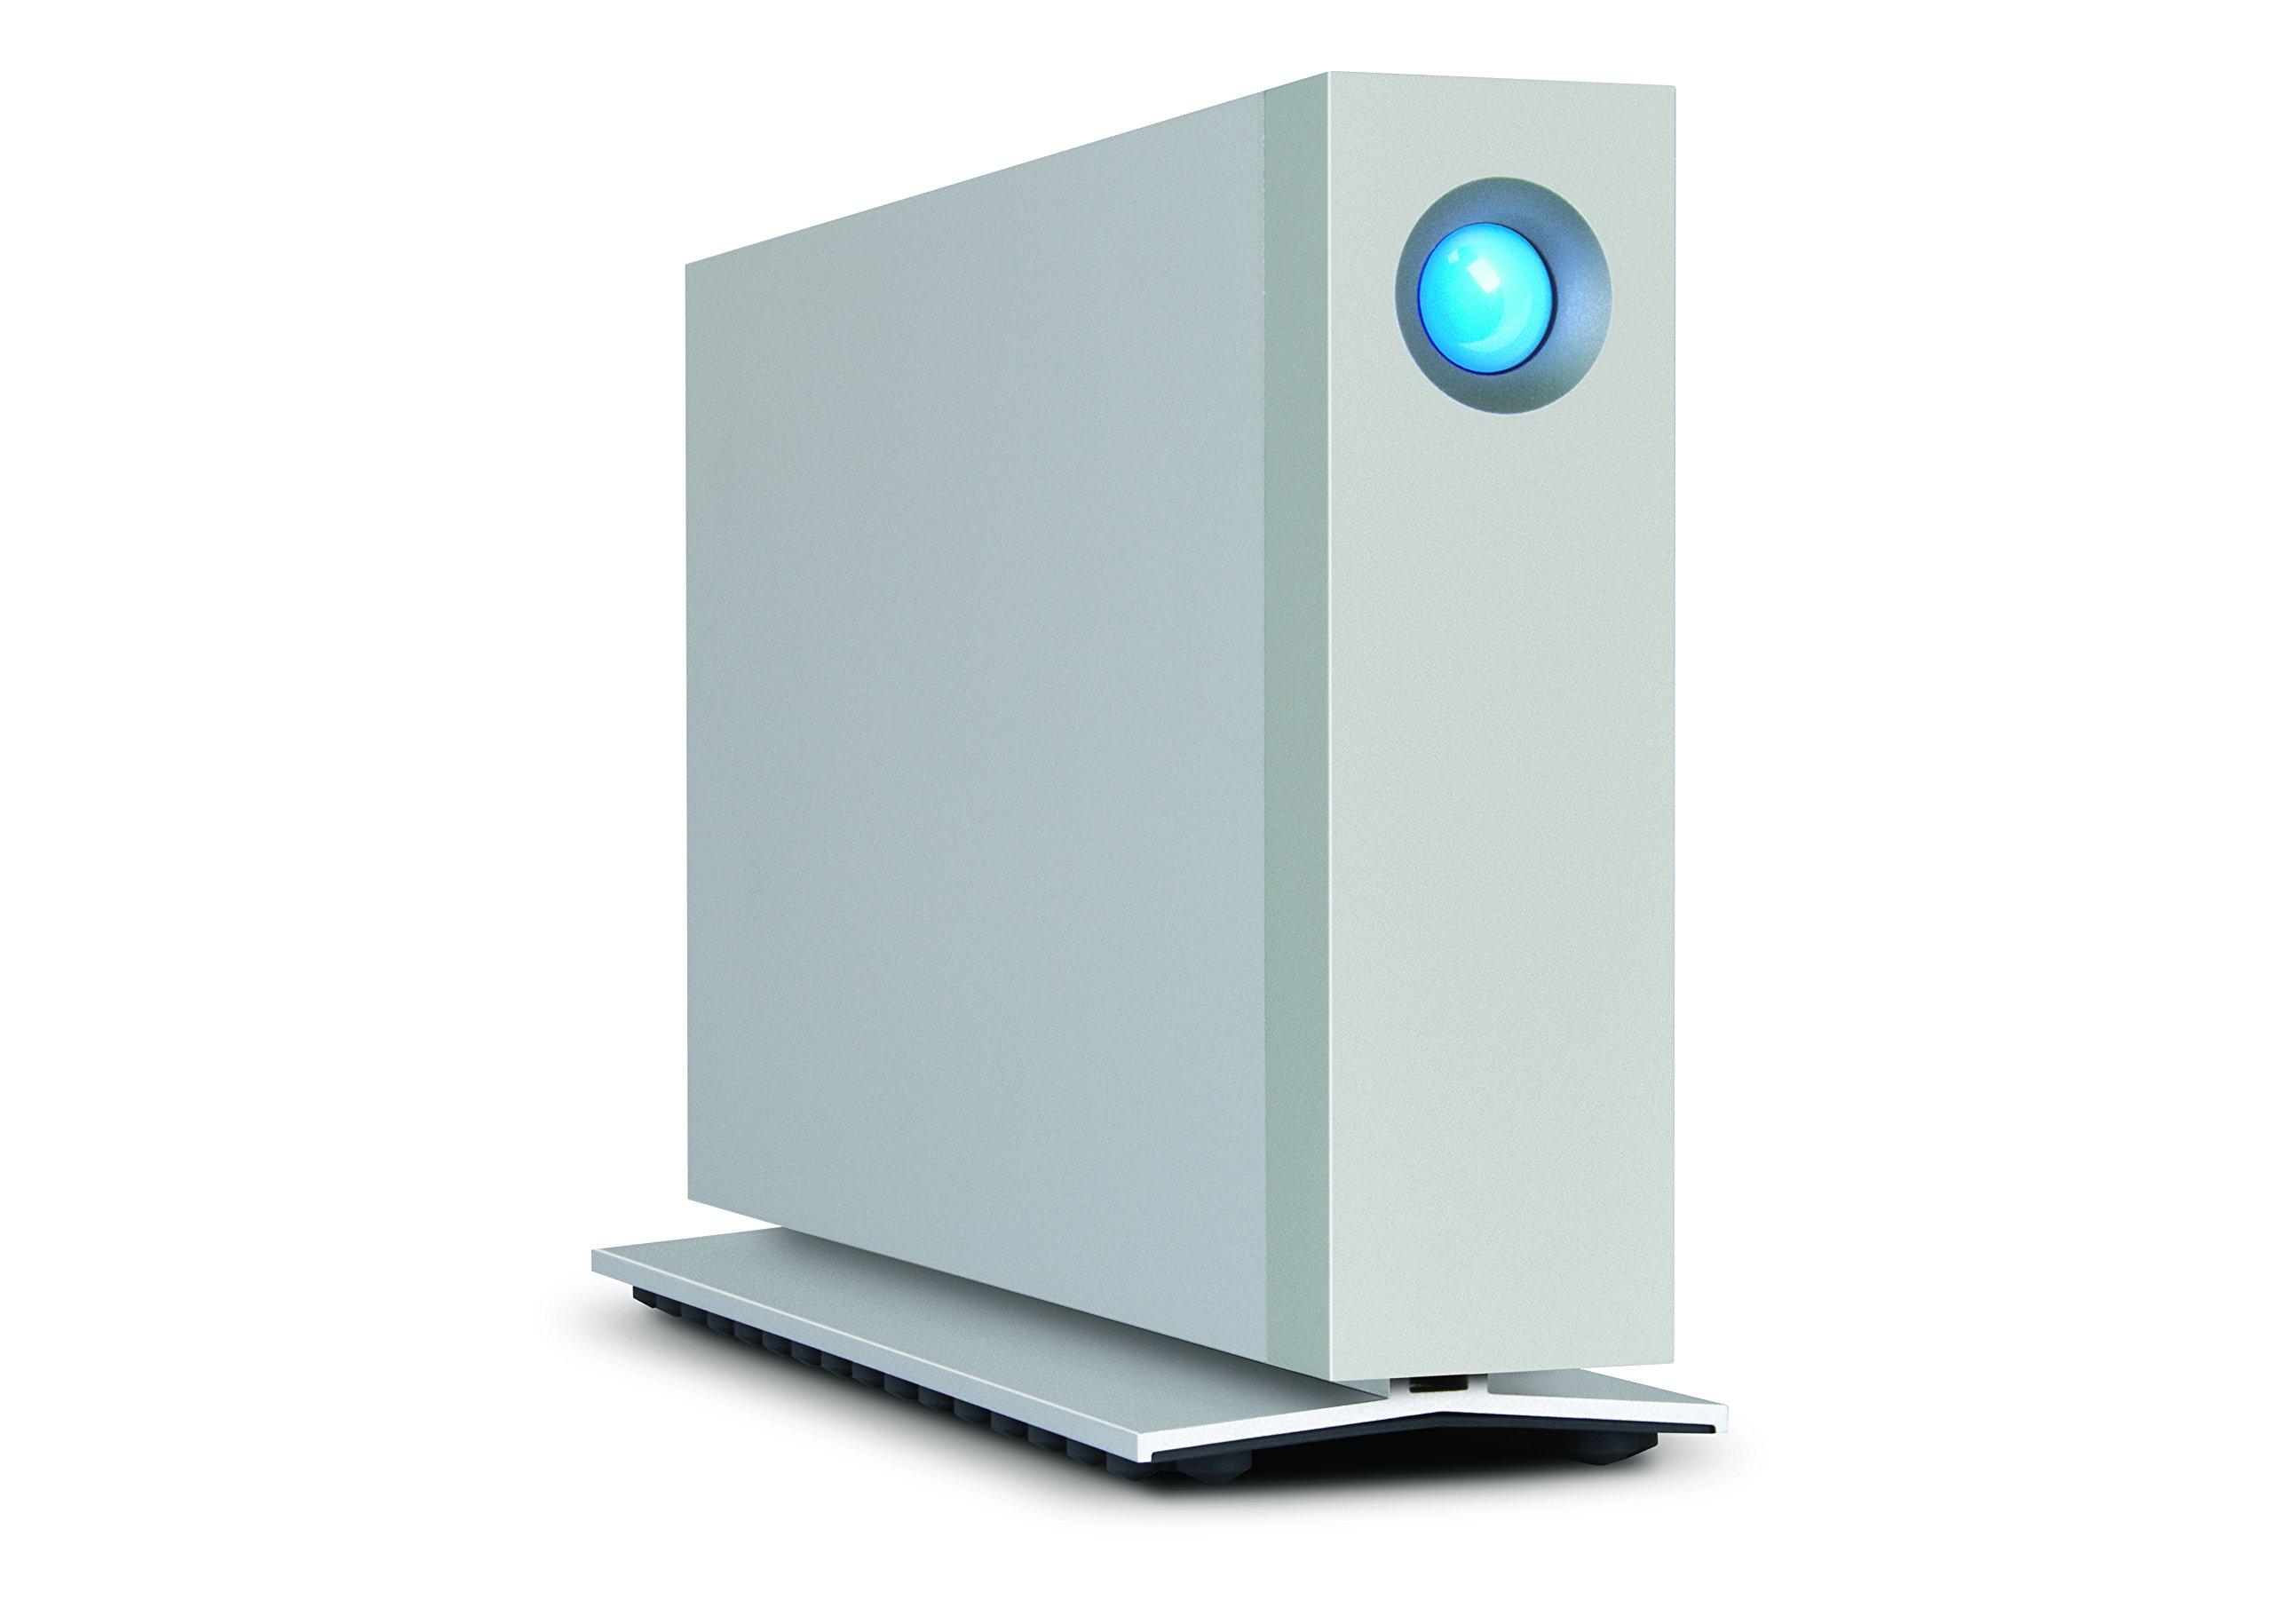 LaCie STEX6000100 D2 Thunderbolt 2, USB 3.0 7200RPM 6TB Desktop external Hard Drive